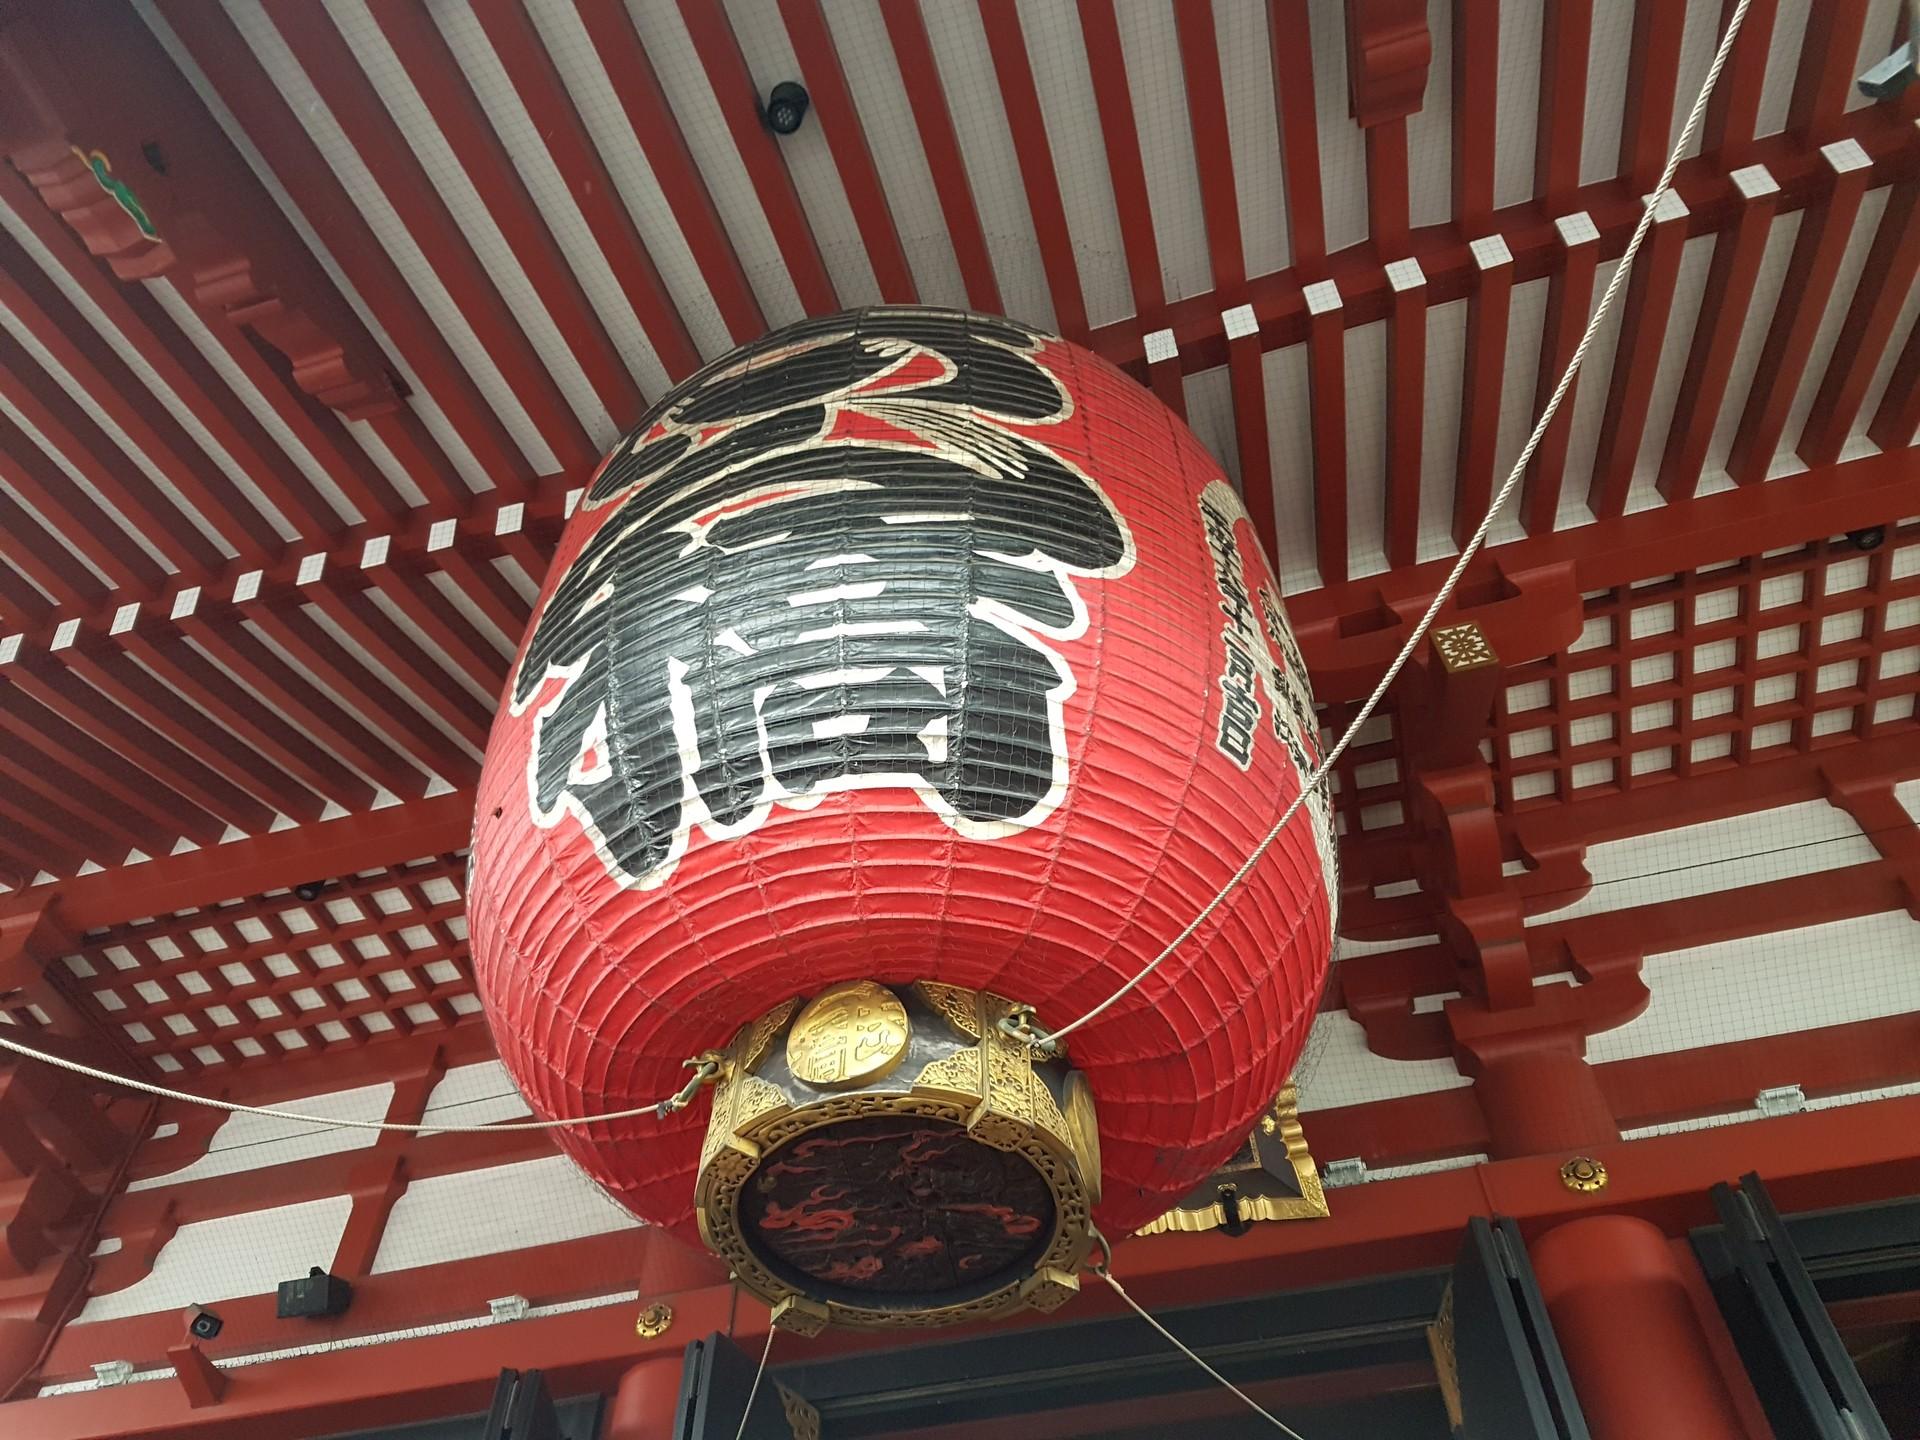 sensoji-temple-detours-7f62b83c3c93bbd69